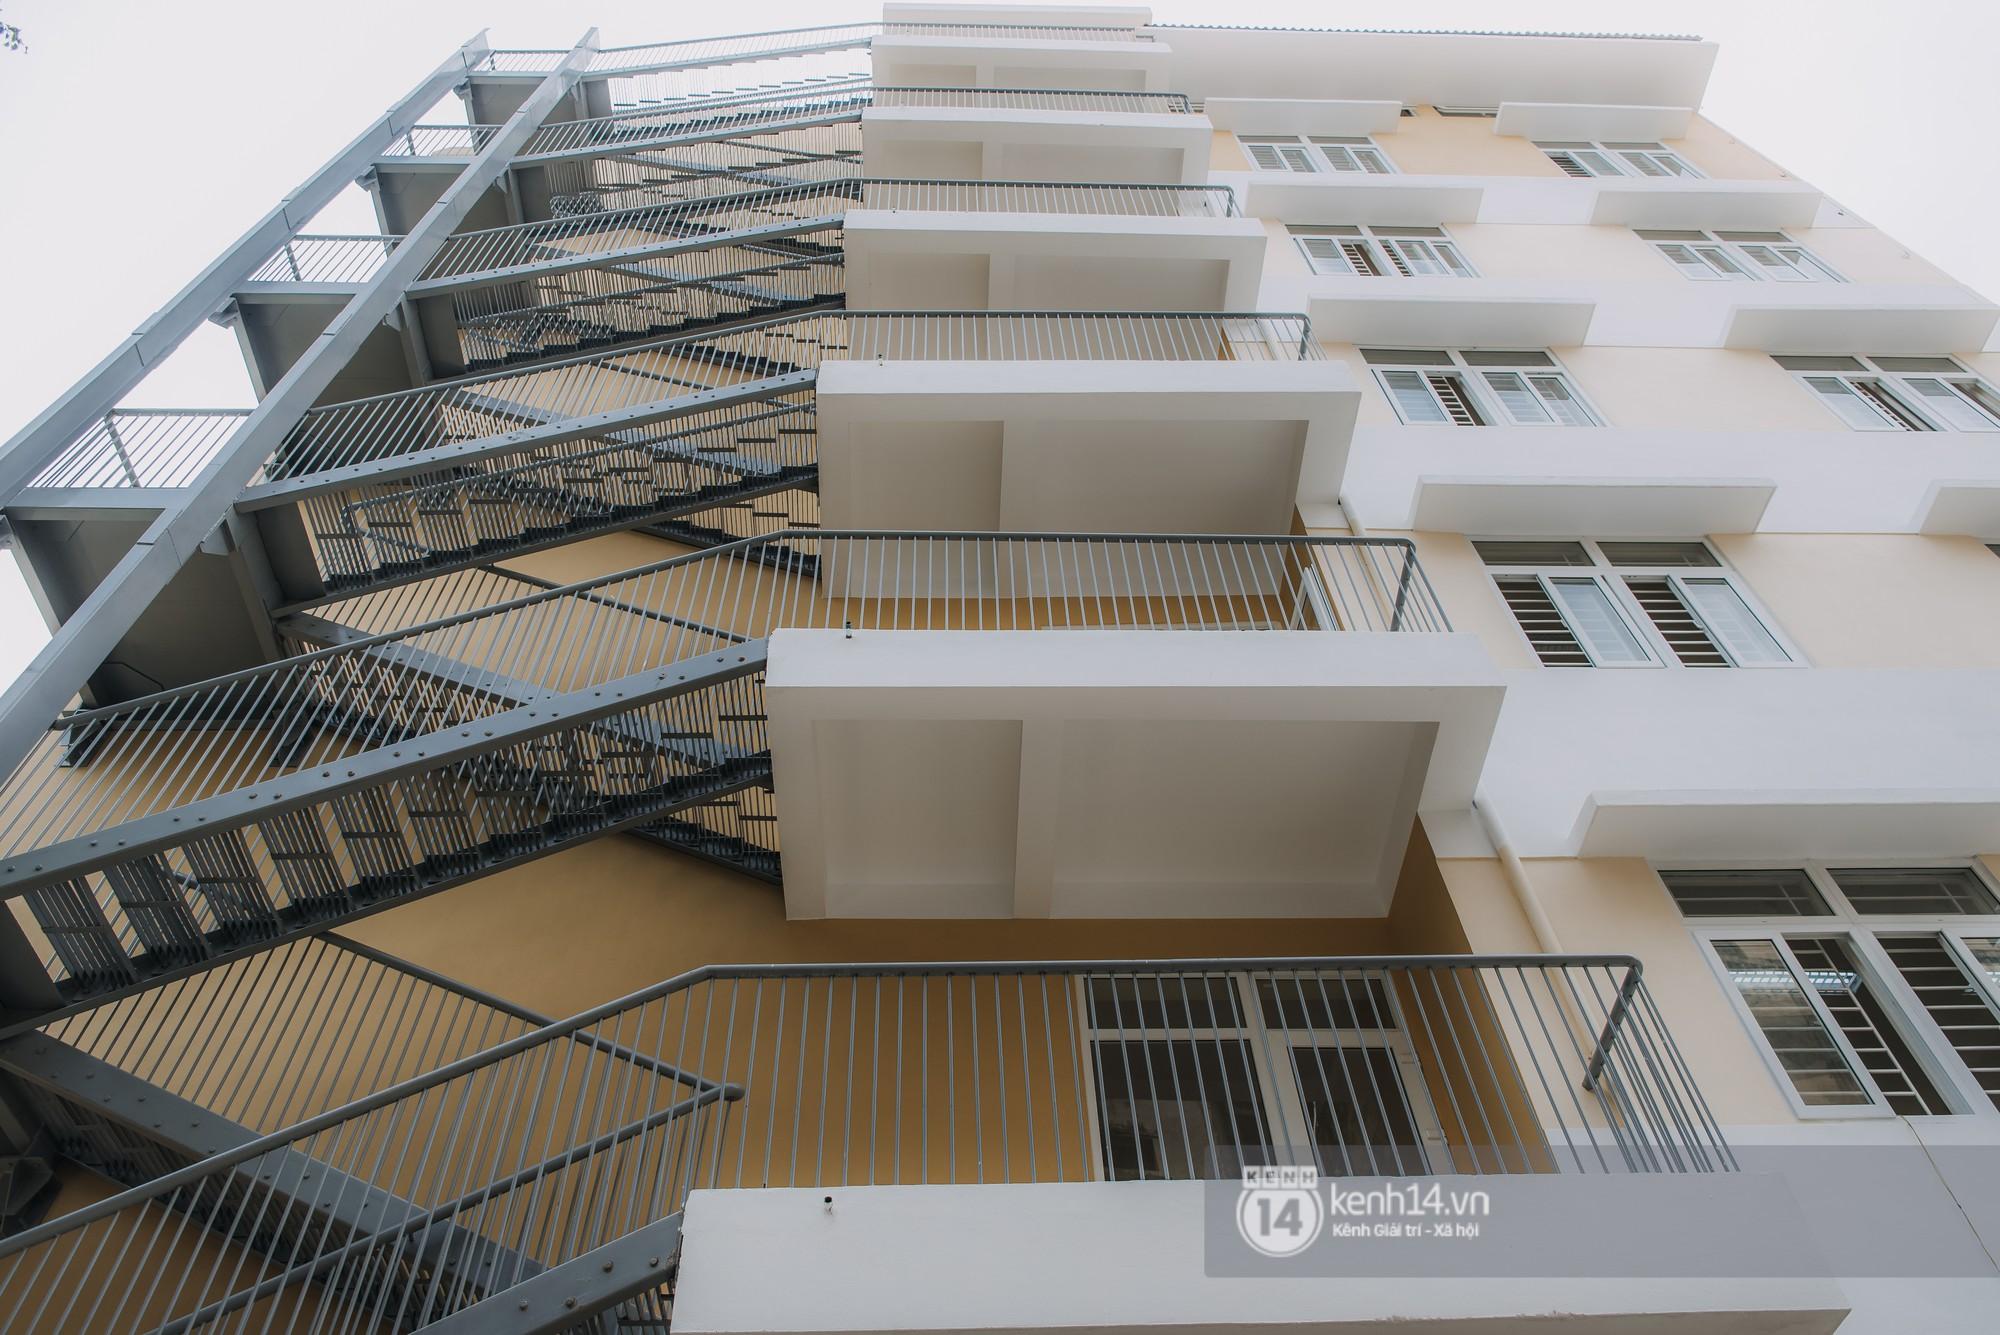 Xuất hiện ngôi trường cấp 3 công lập cao nhất Hà Nội, siêu đẹp và hiện đại với vô vàn góc sống ảo xịn sò - Ảnh 5.